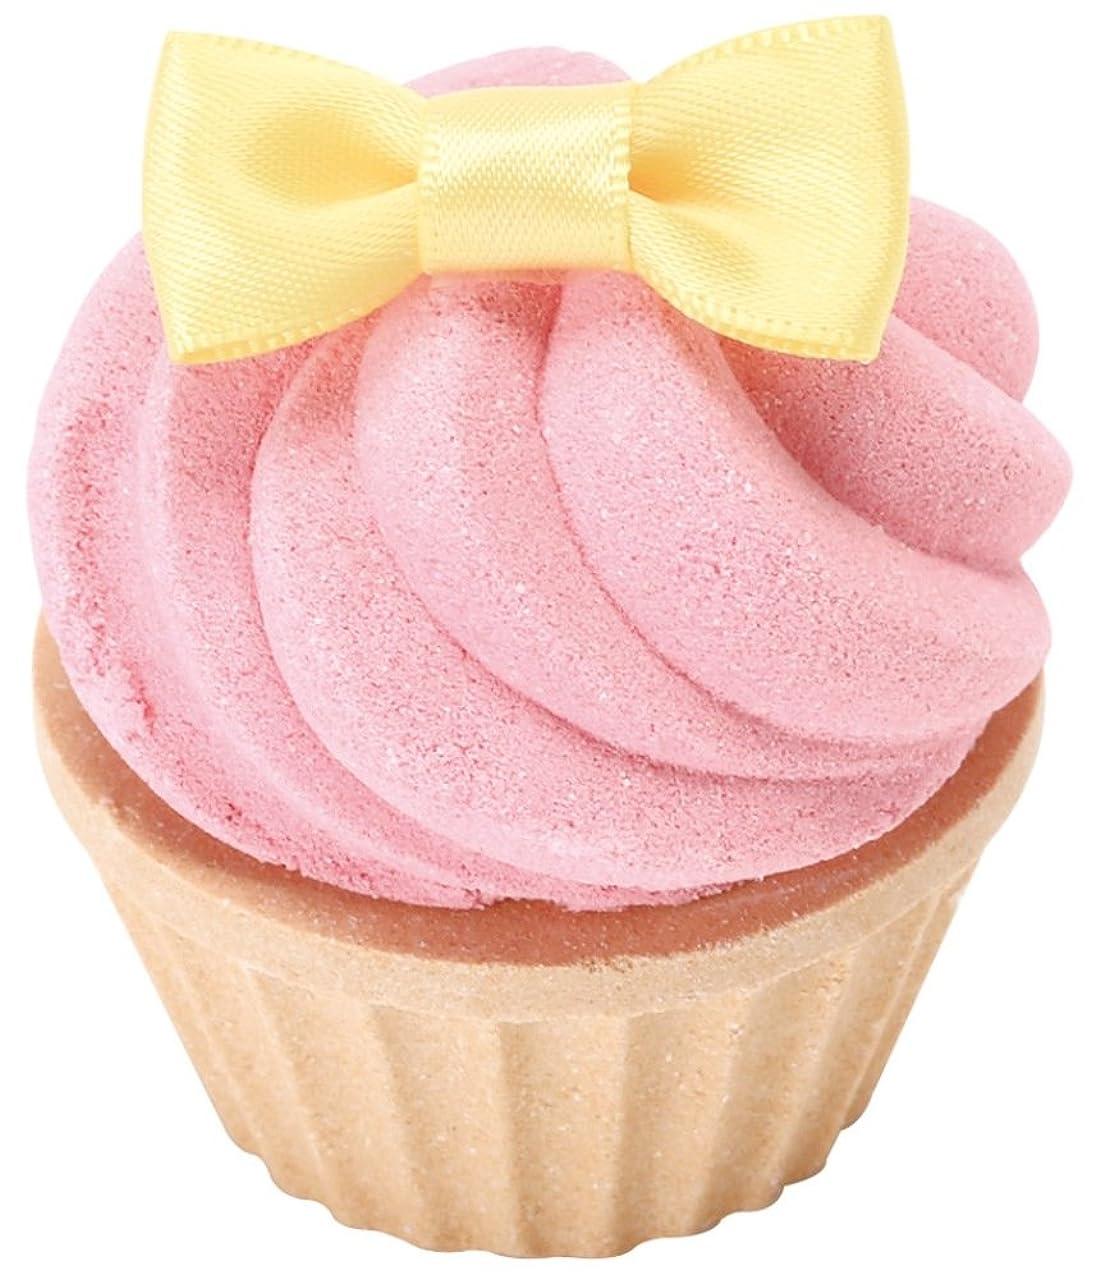 流用するラショナル起こるノルコーポレーション お風呂用 芳香剤 おめかしカップケーキフィズ 60g ラズベリーの香り OB-SMM-14-1